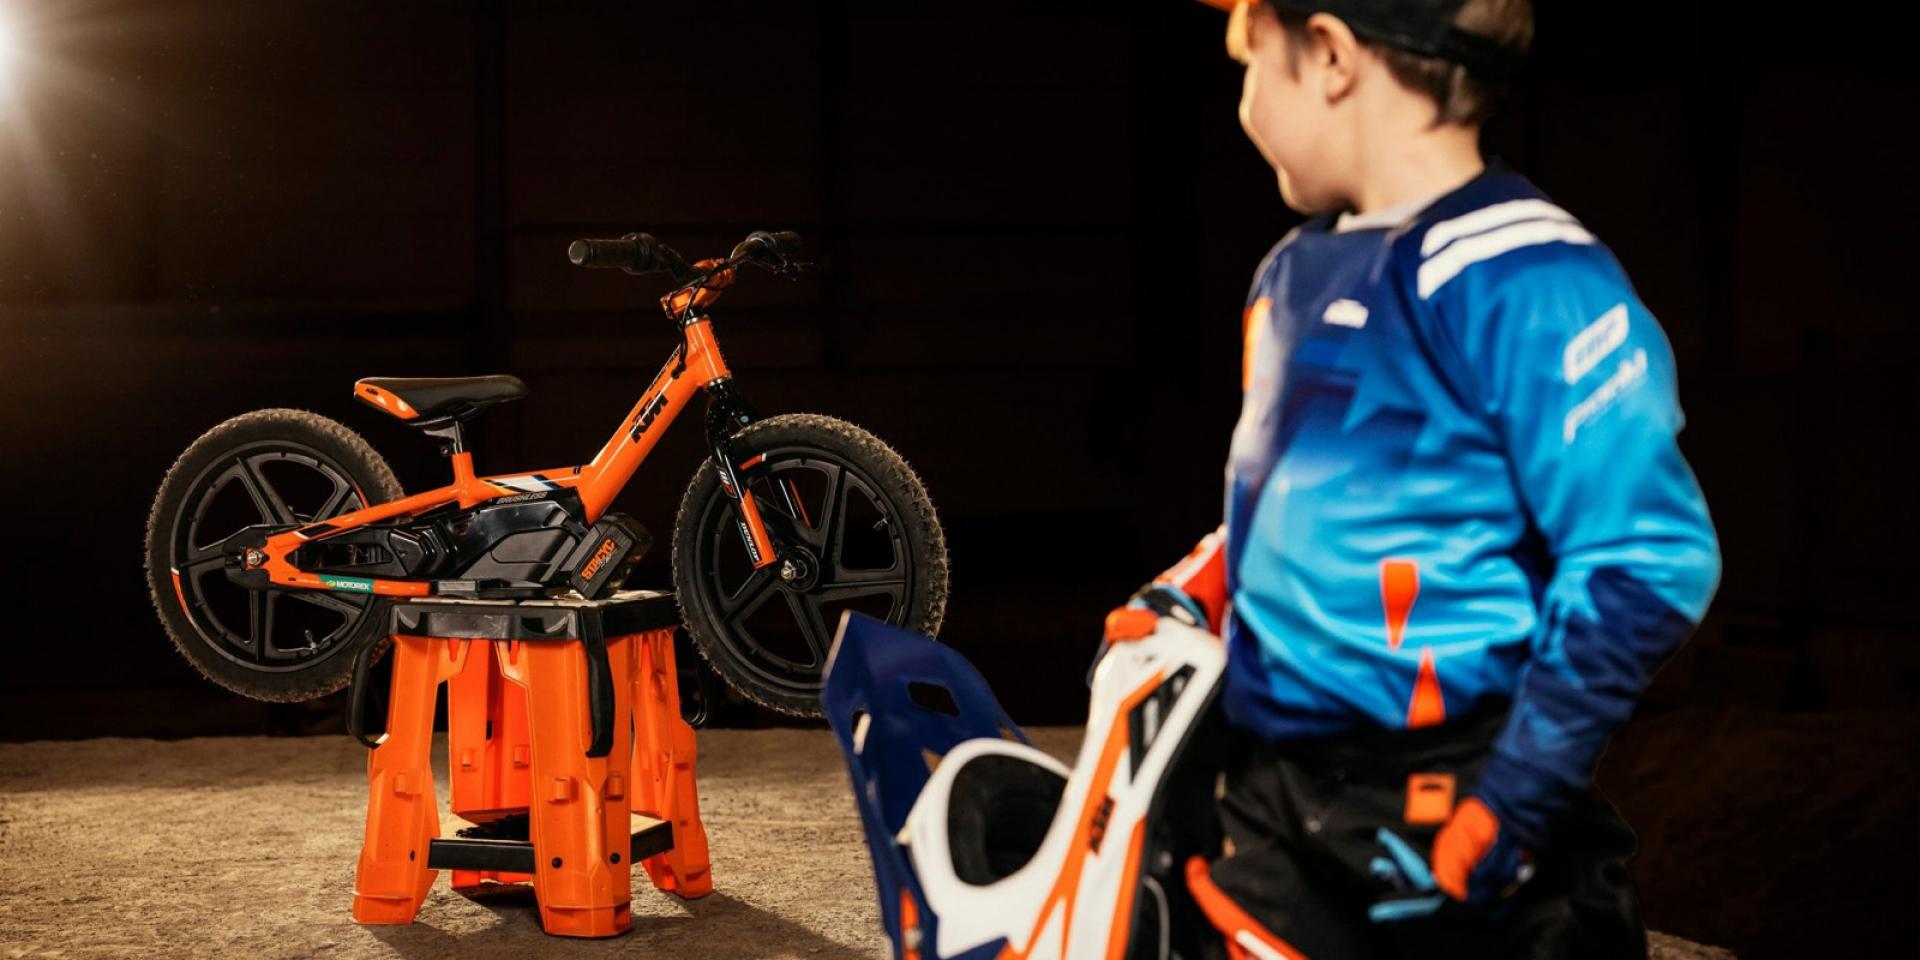 迷你電動小橘子!StaCyc推出KTM廠隊配色兒童平衡車